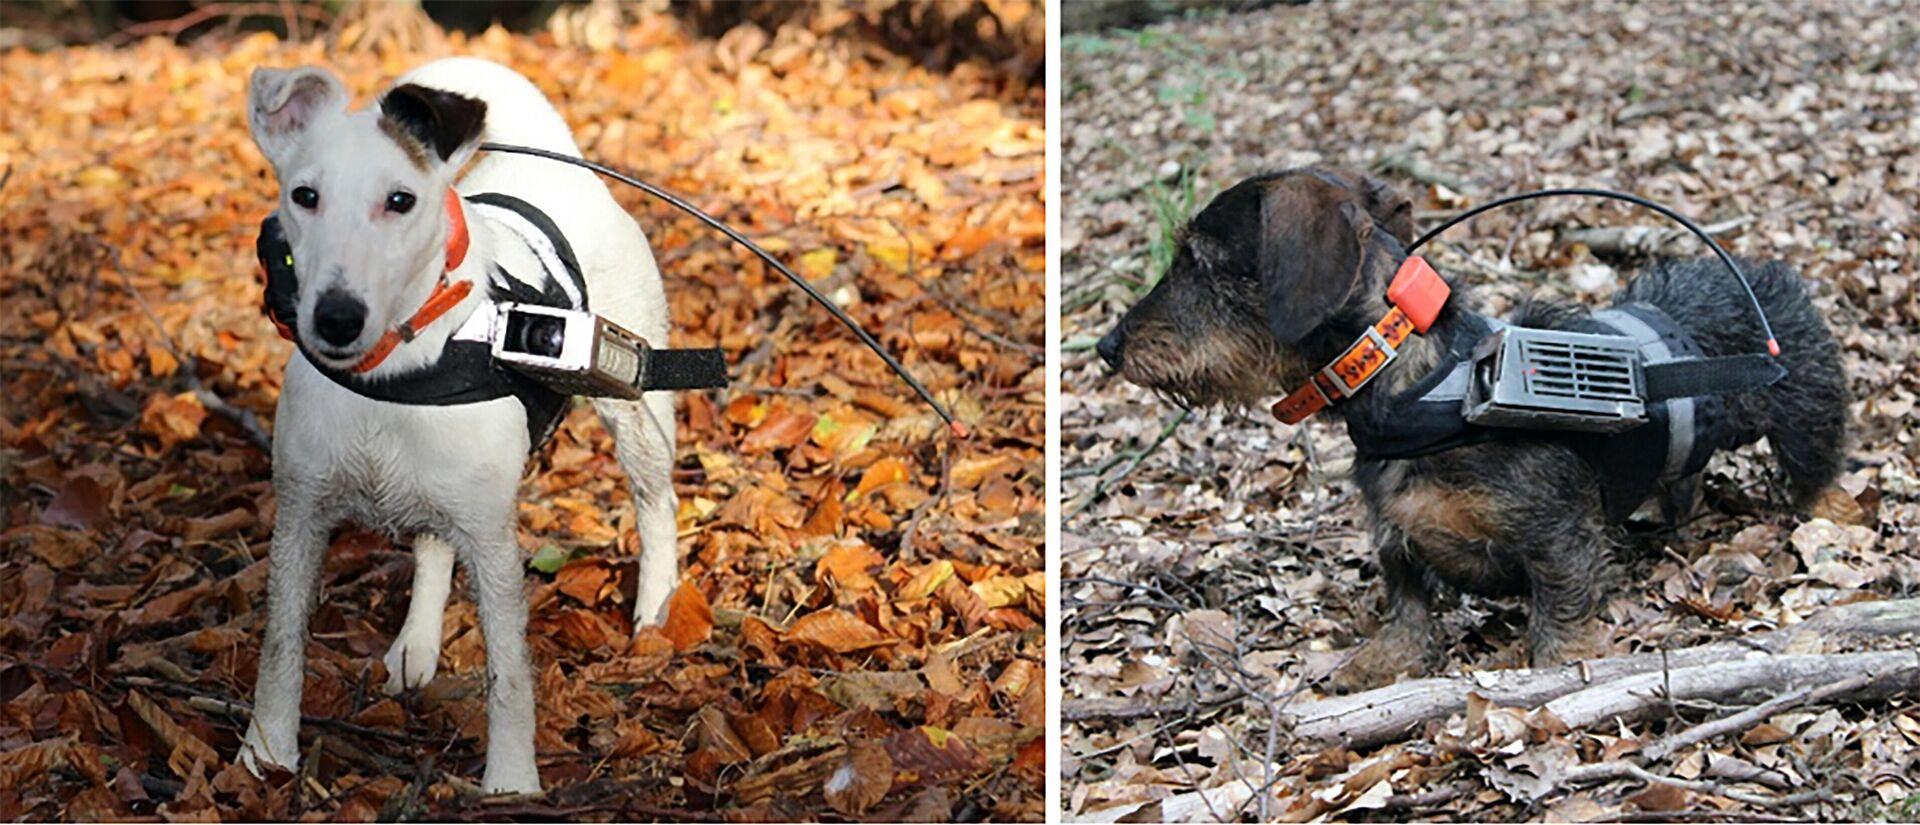 Собаки умеют ориентироваться по магнитному полю Земли - РИА Новости, 1920, 25.09.2020